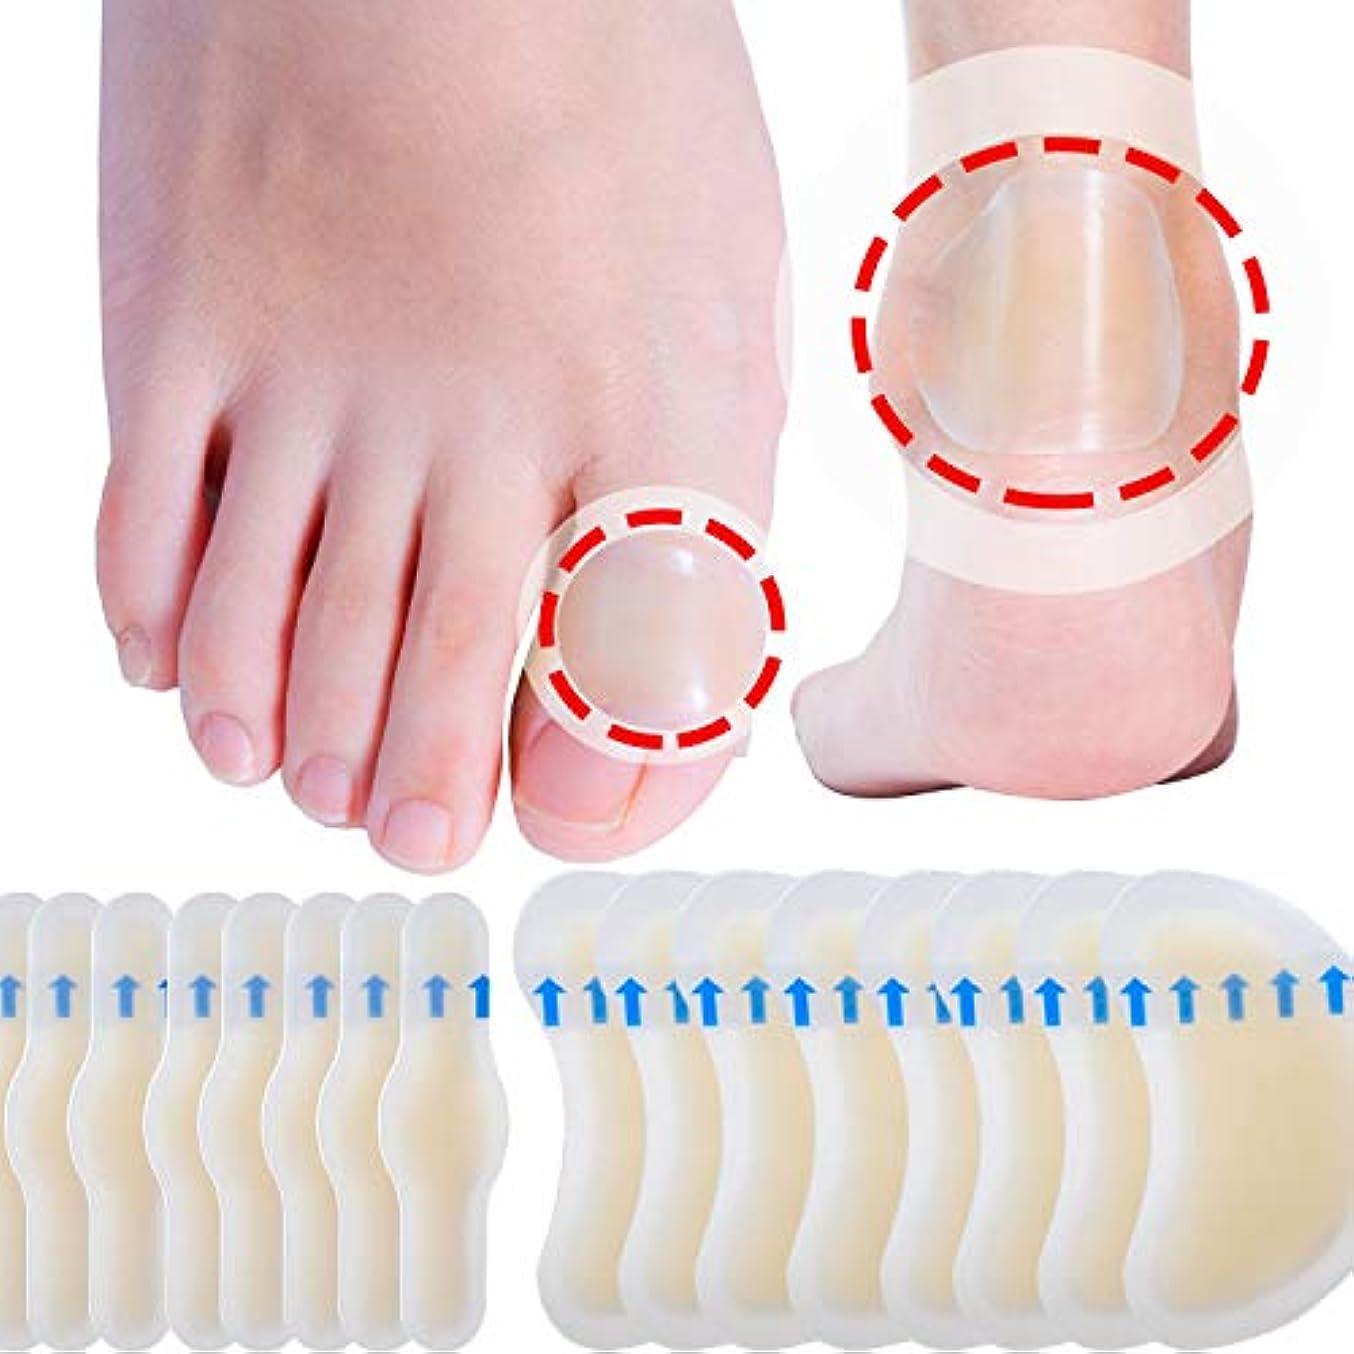 予防接種愛候補者Sumifun タコ?ウオノメ除去用 ワンステップ 足の指用 キズパワーパッド 大きめサイズ 16枚